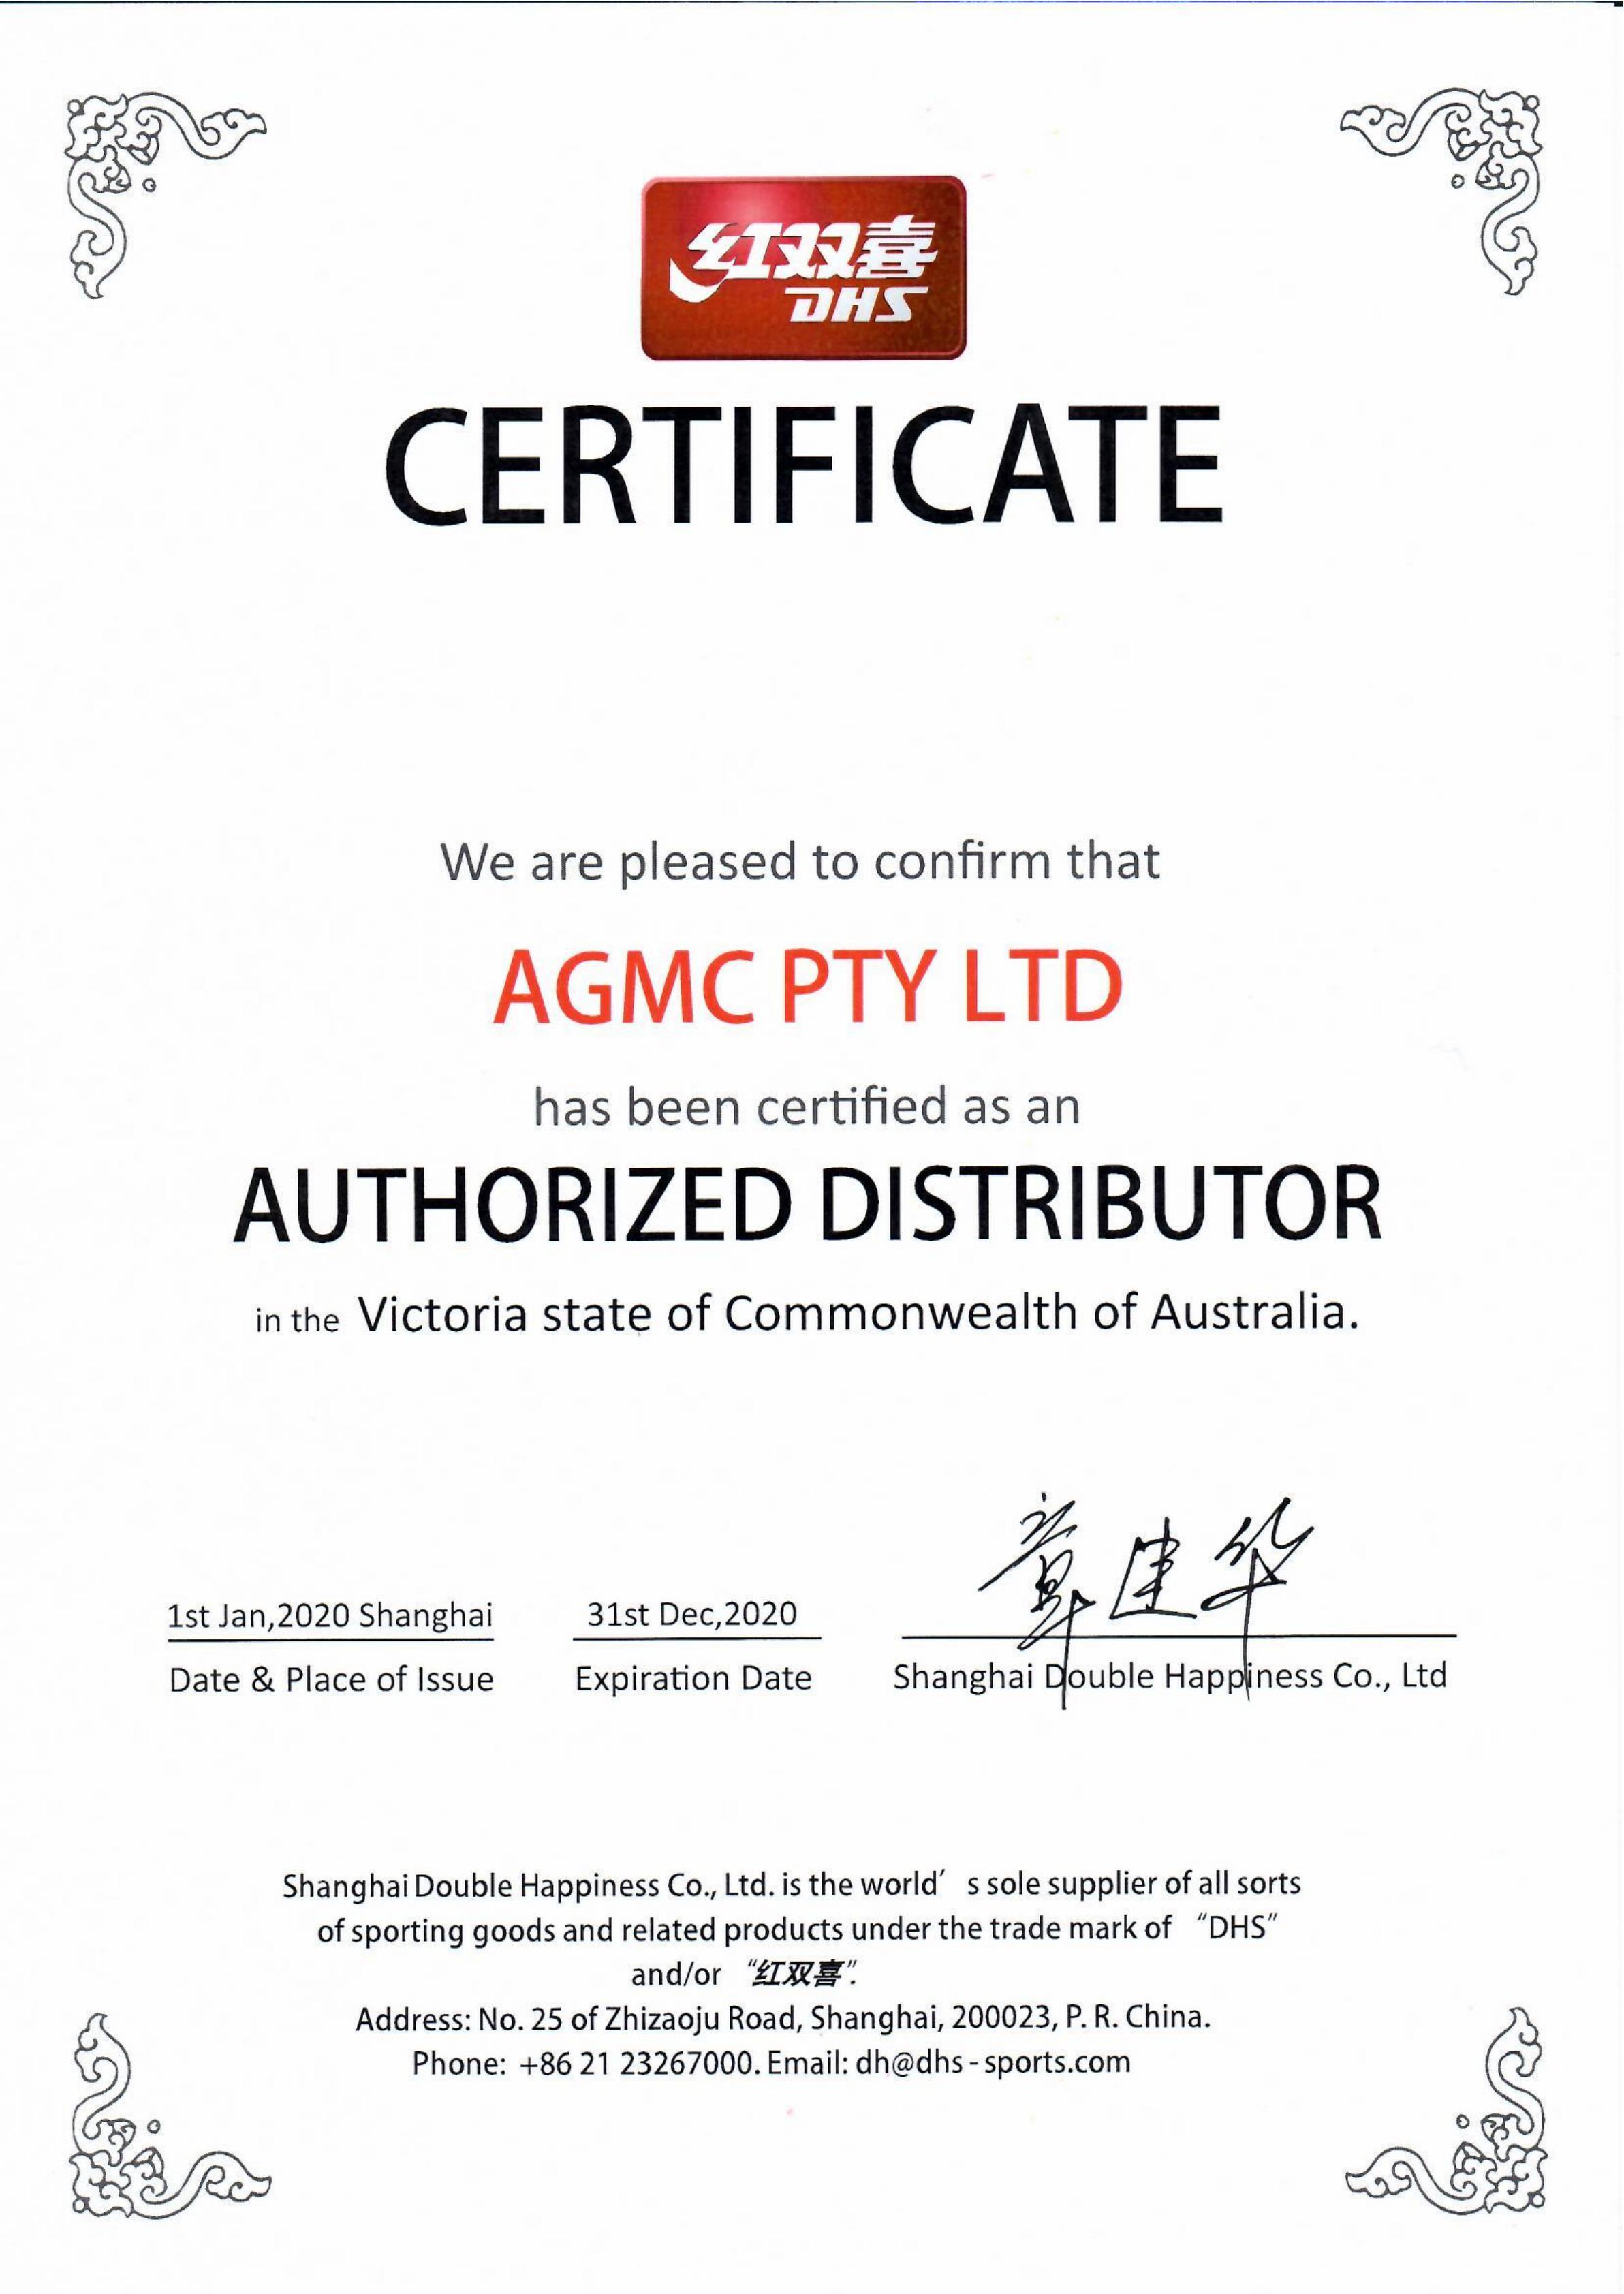 dhs-certificate.jpg